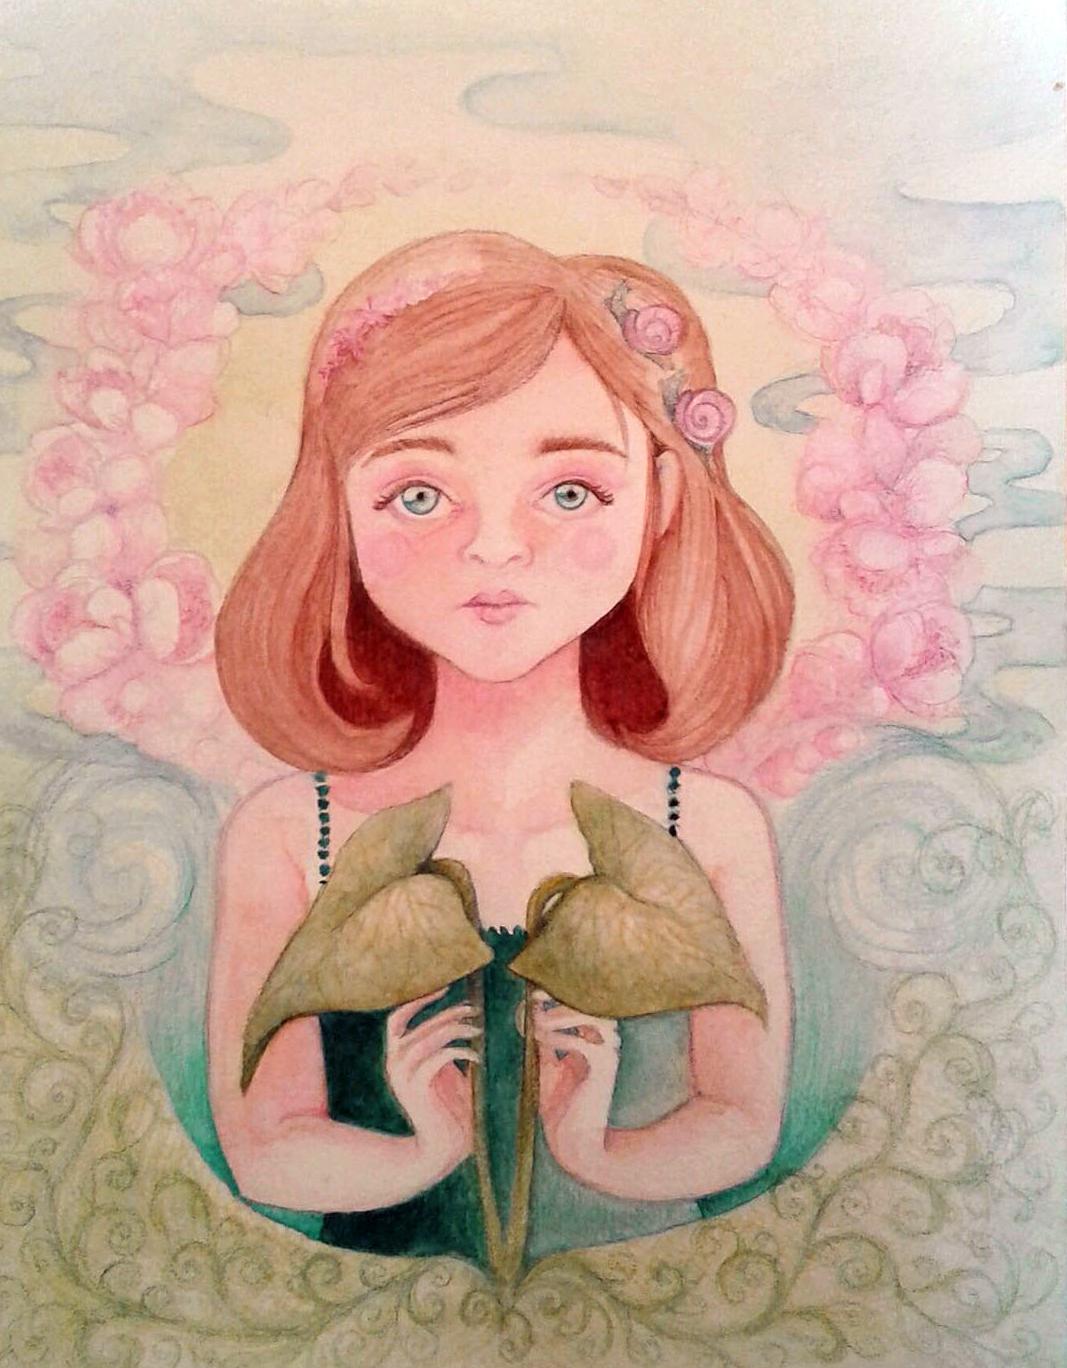 Fillette spatiphilum - Watercolor